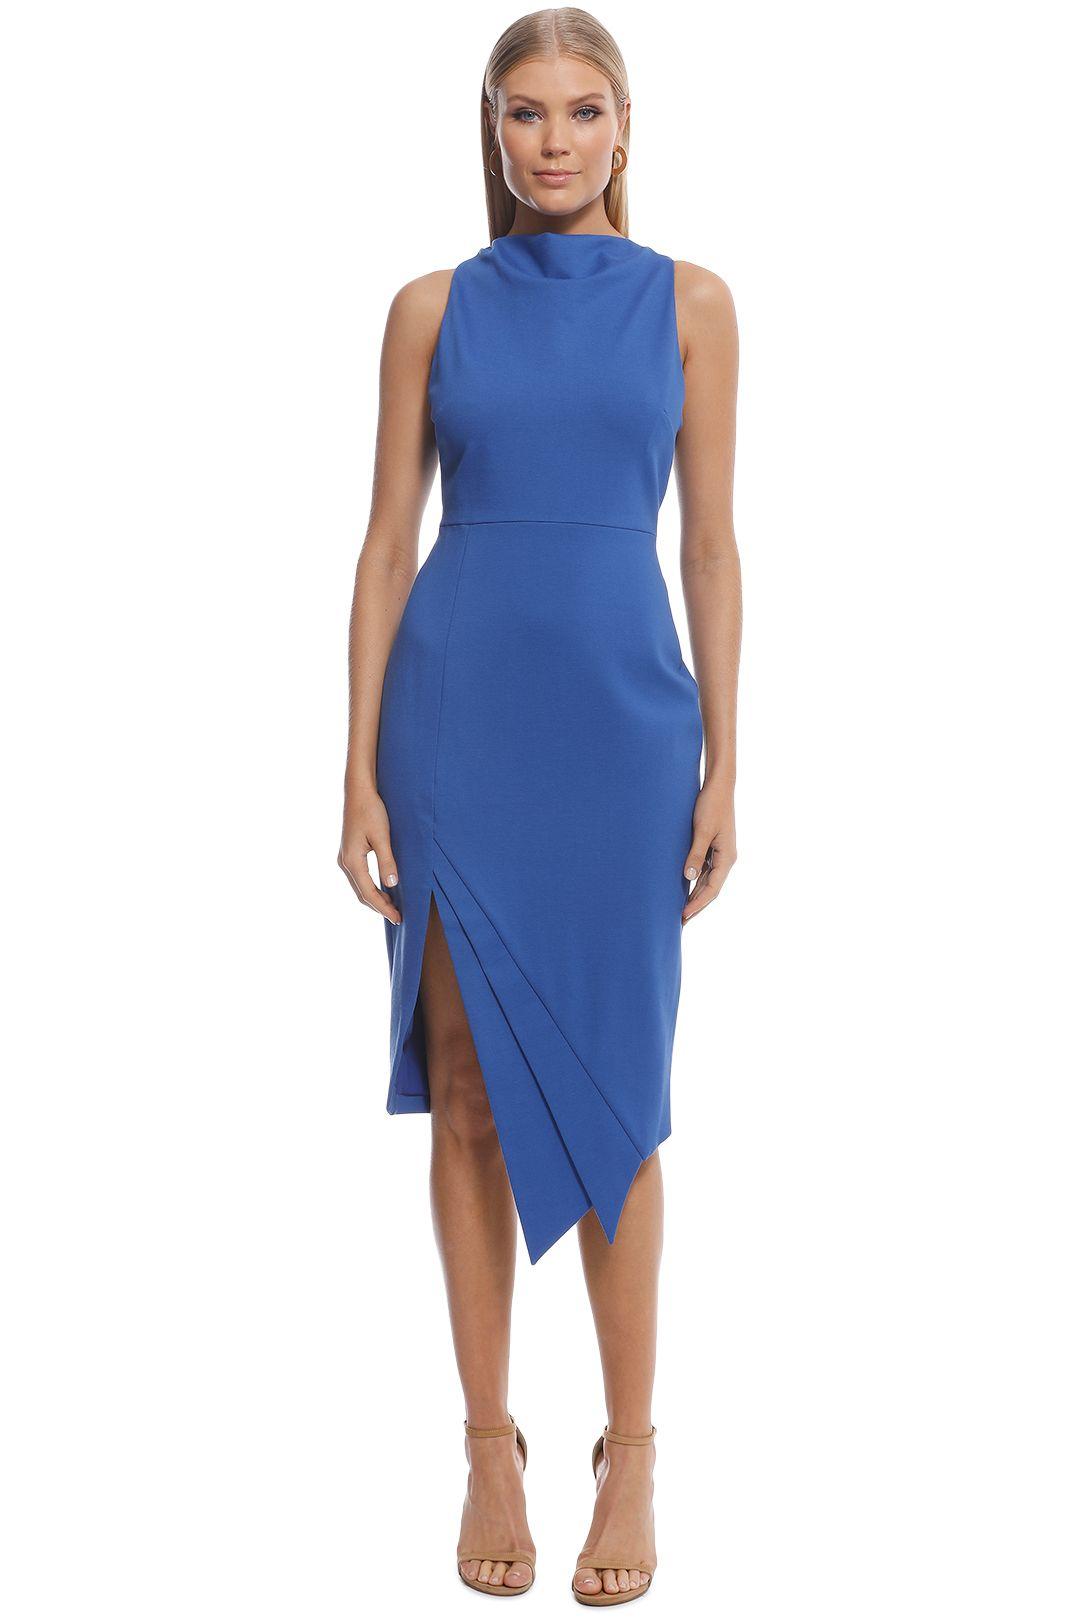 Elliatt - Carmen Dress - Cobalt - Front